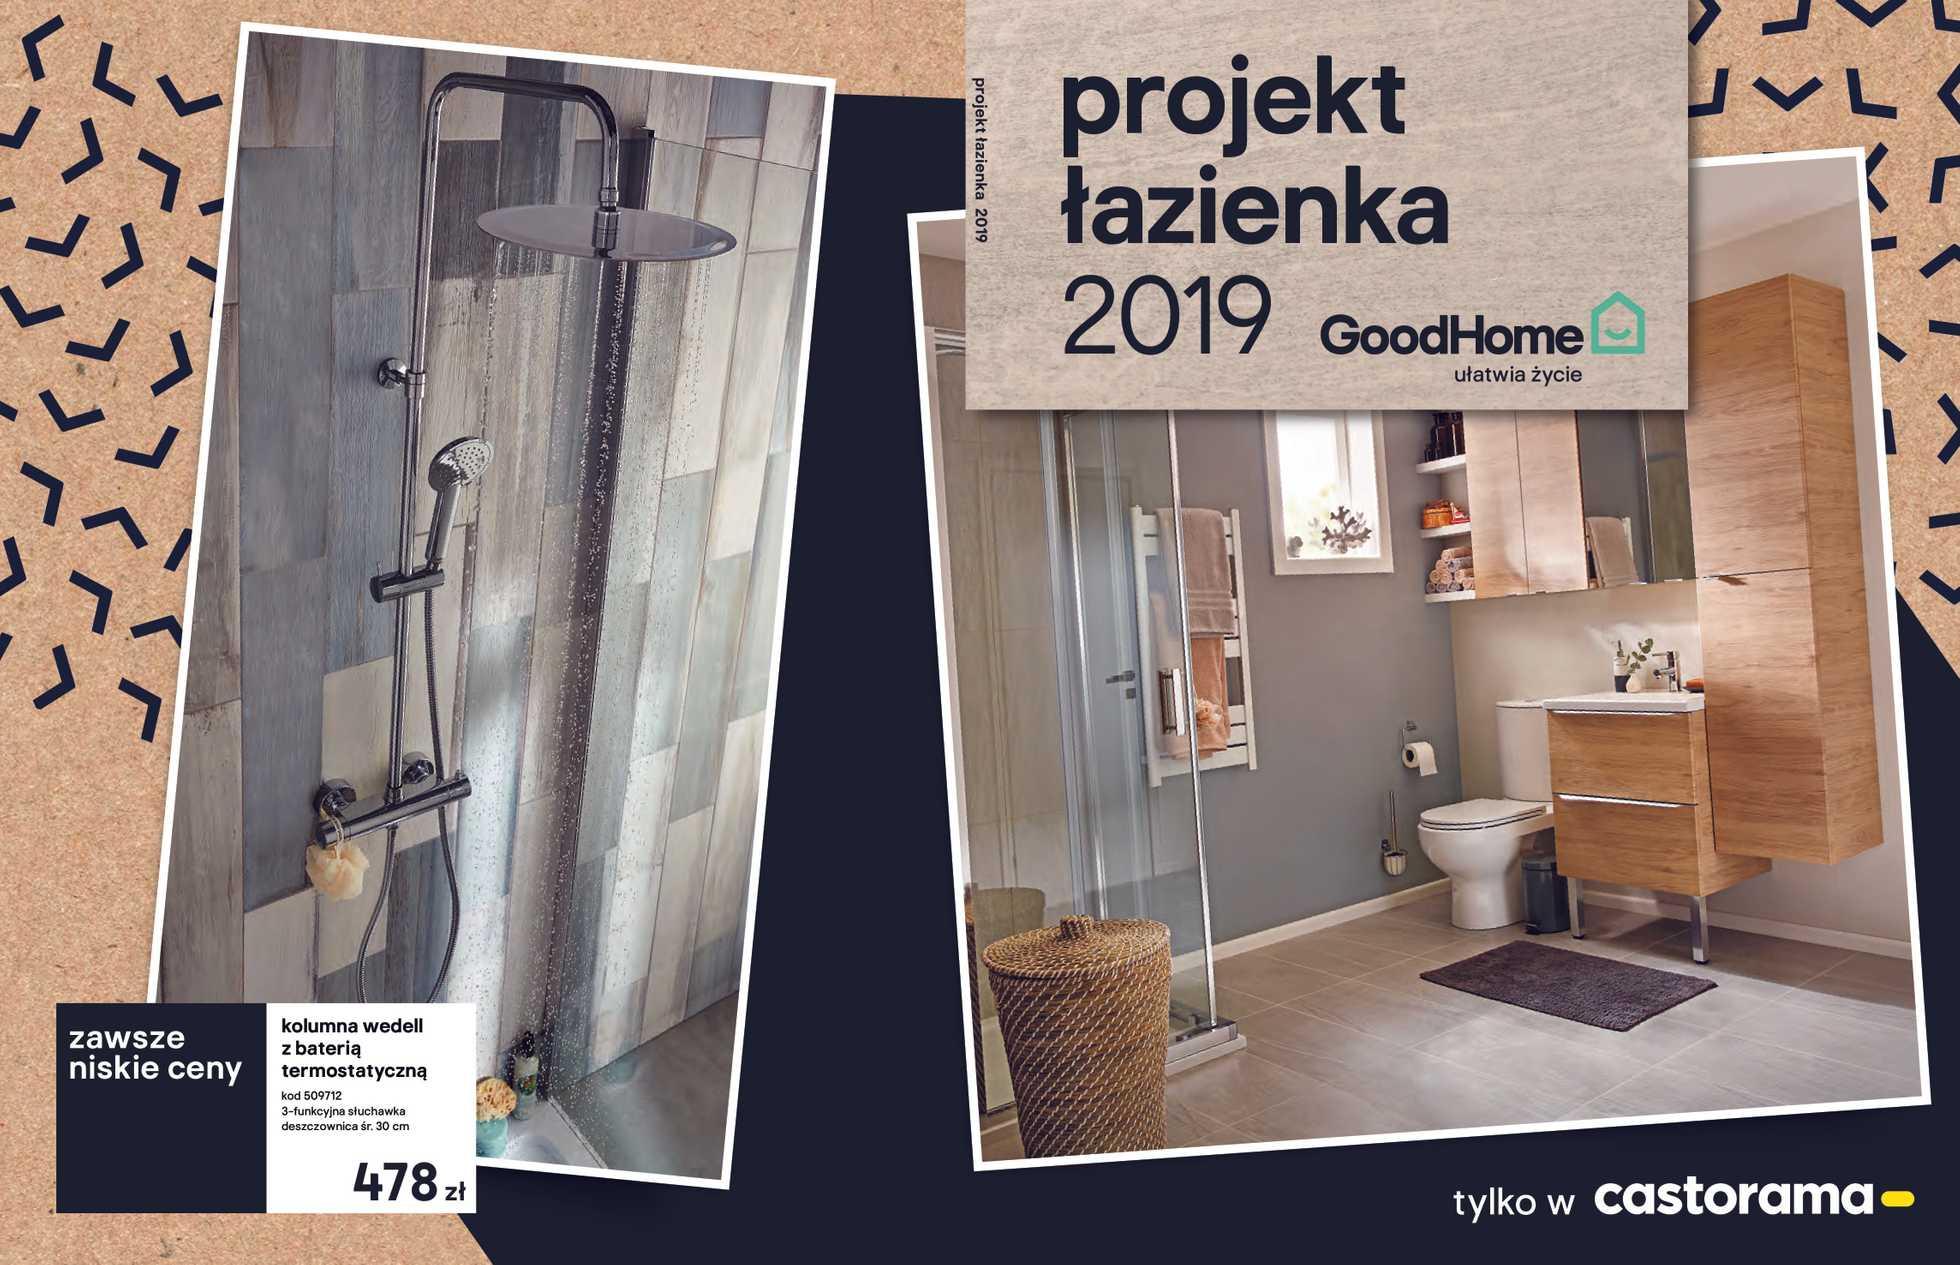 Castorama Gazetka Promocyjna 10 06 2019 Gazetkowopl